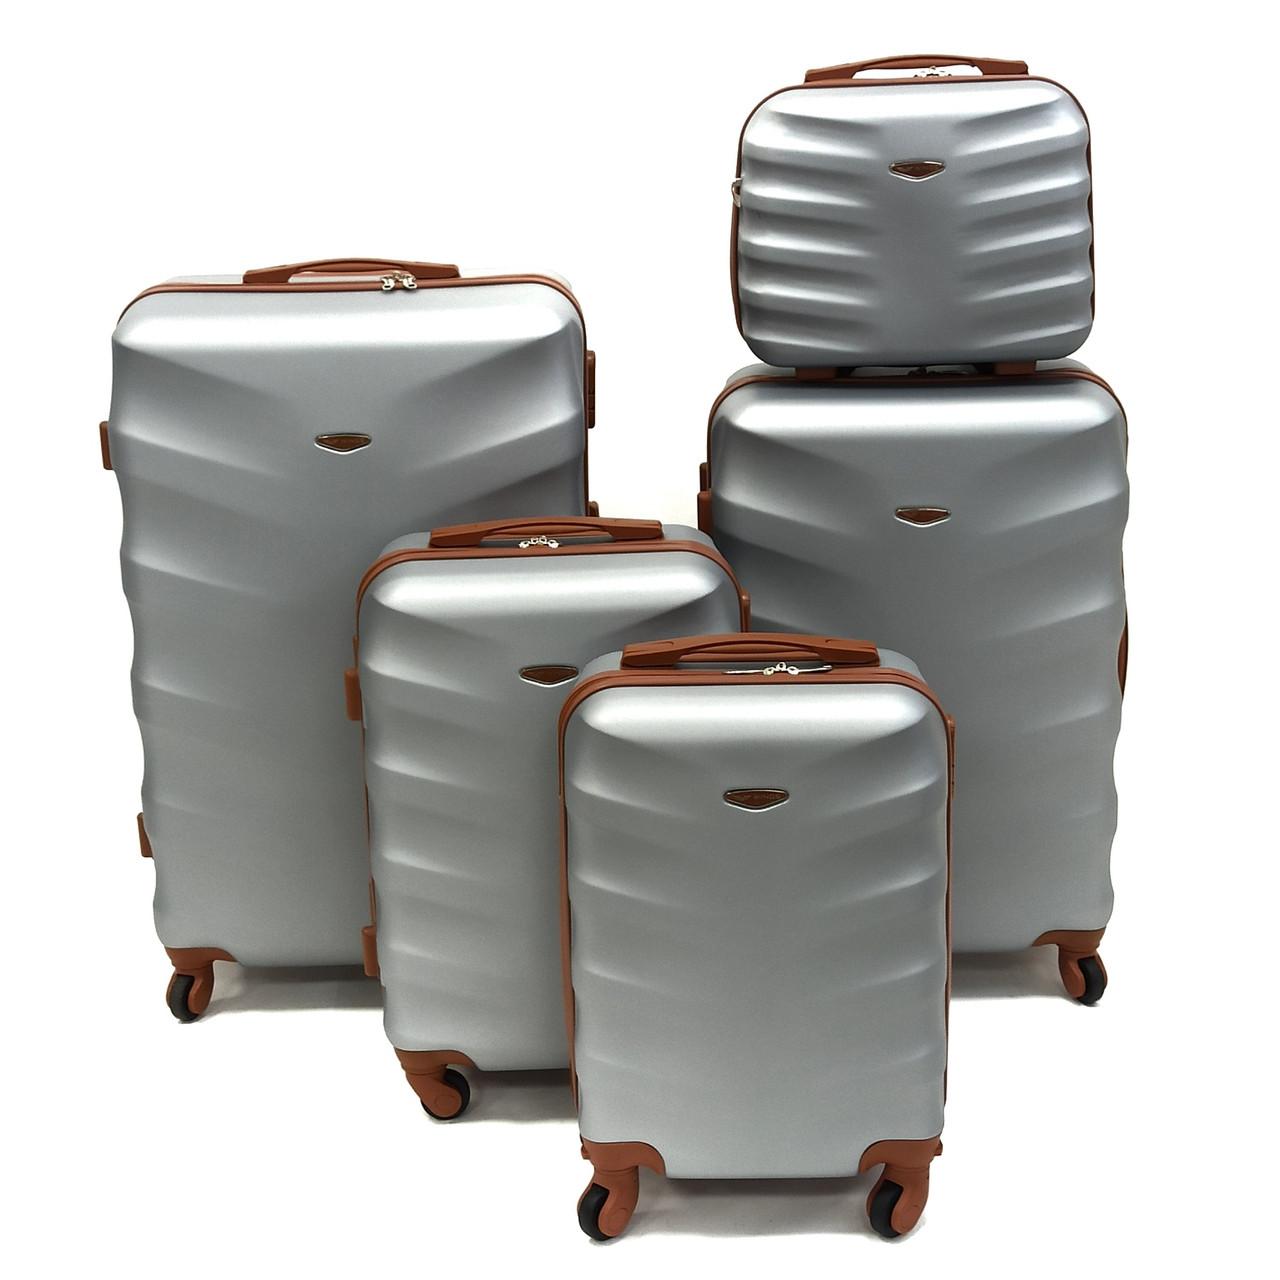 Великий дорожній чемодан поліпропілен срібло Арт.402 (L) Wings Польща